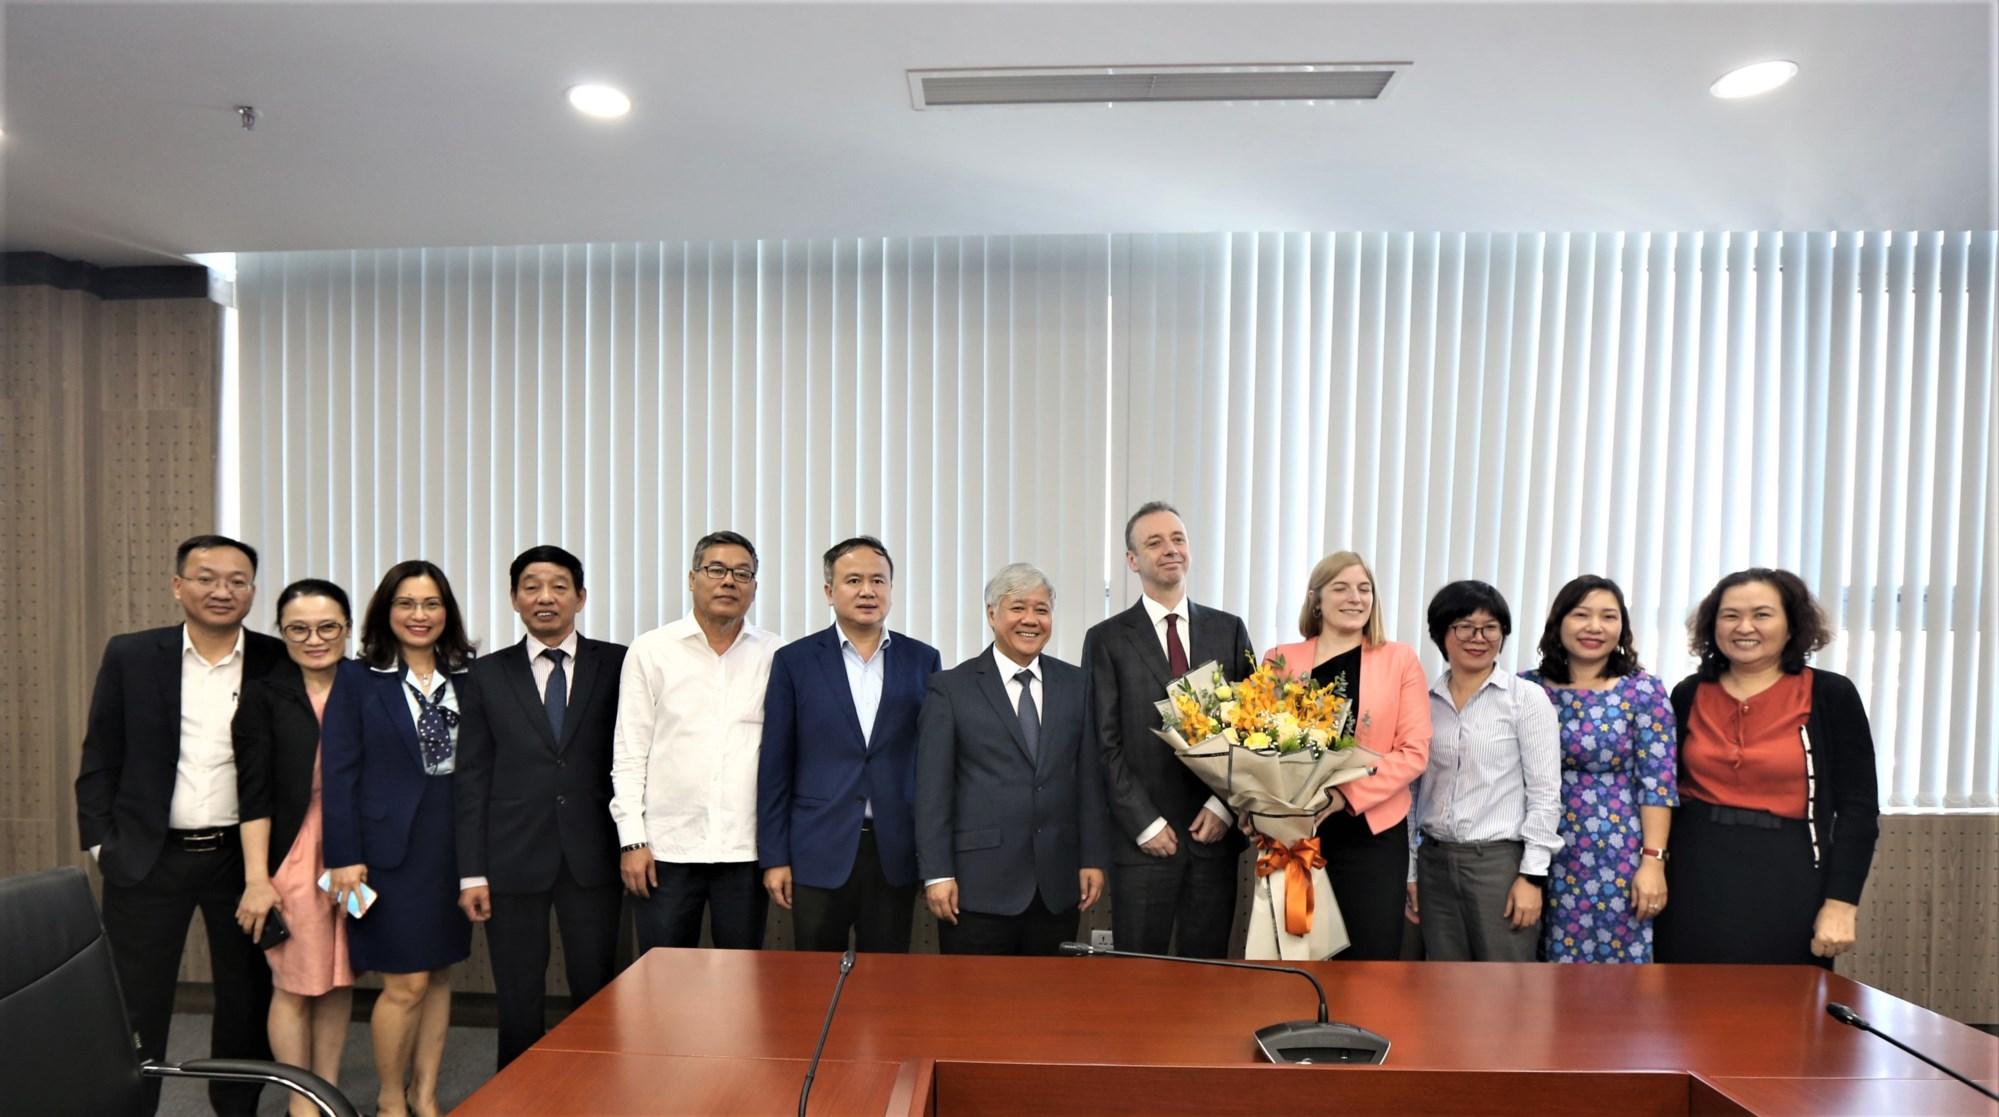 Bộ trưởng, Chủ nhiệm UBDT Đỗ Văn Chiến tiếp; Ngài Đại sứ Ai Len John McCullagh và các đại biểu chụp ảnh lưu niệm sau buổi làm việc .